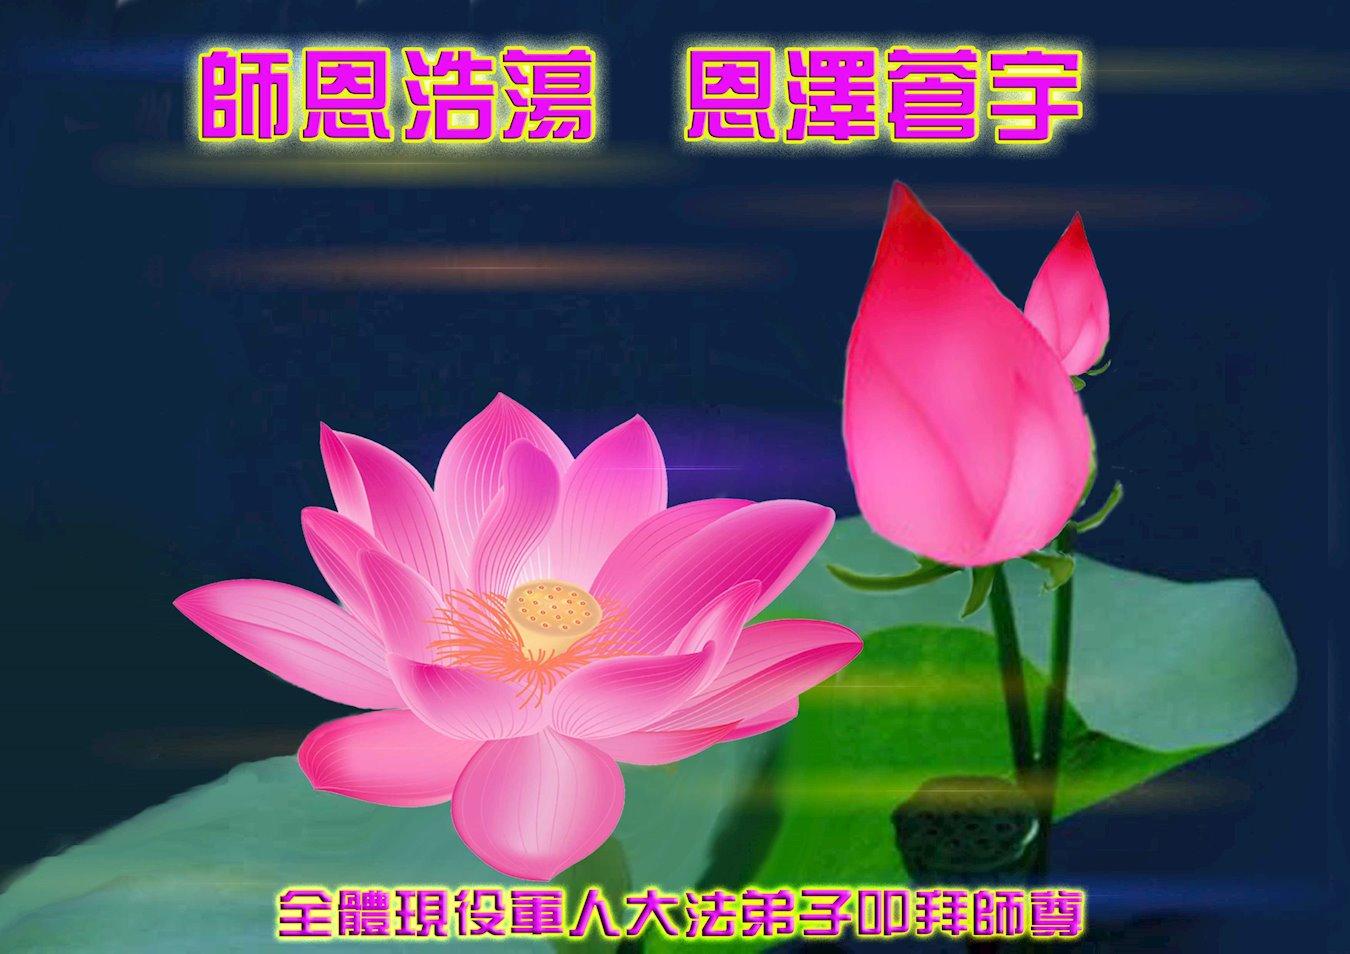 現役軍人大法弟子恭祝李洪志大師新年快樂!(明慧網)